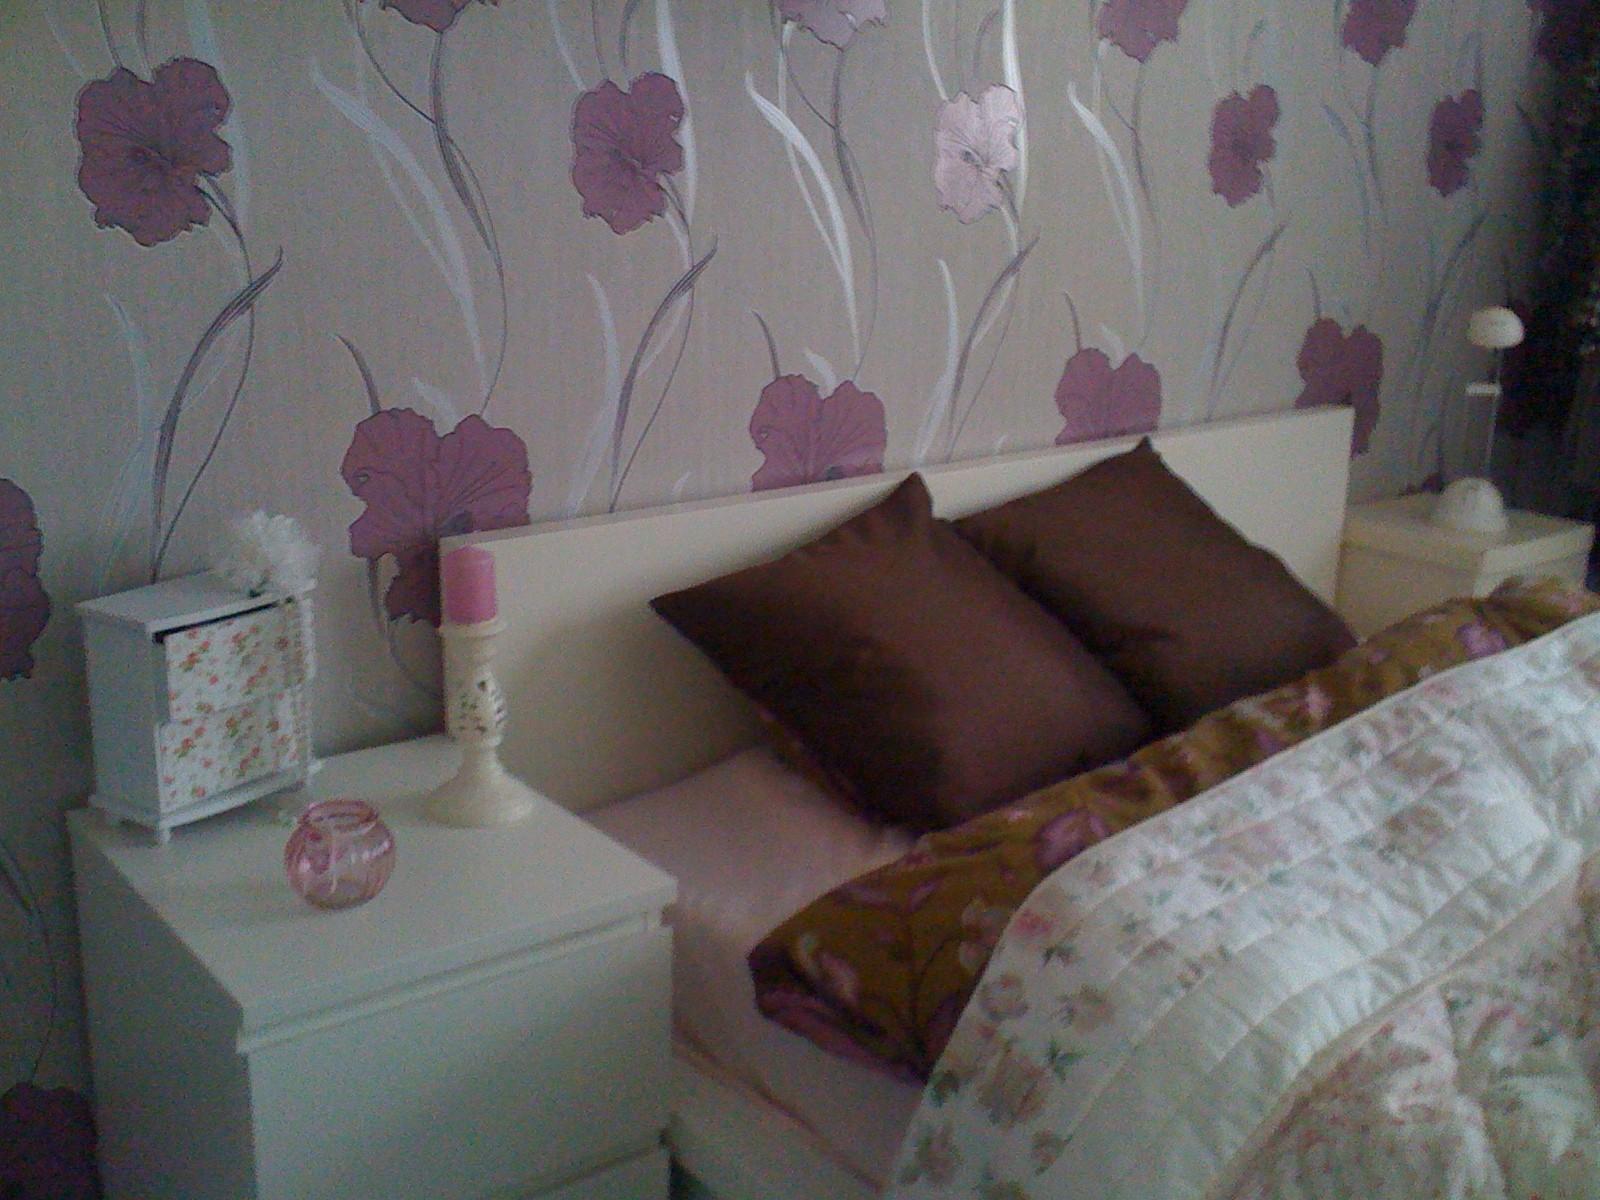 Schlafzimmer 39 mein schlafzimmer 39 mein zuhause zimmerschau - Mein schlafzimmer ...